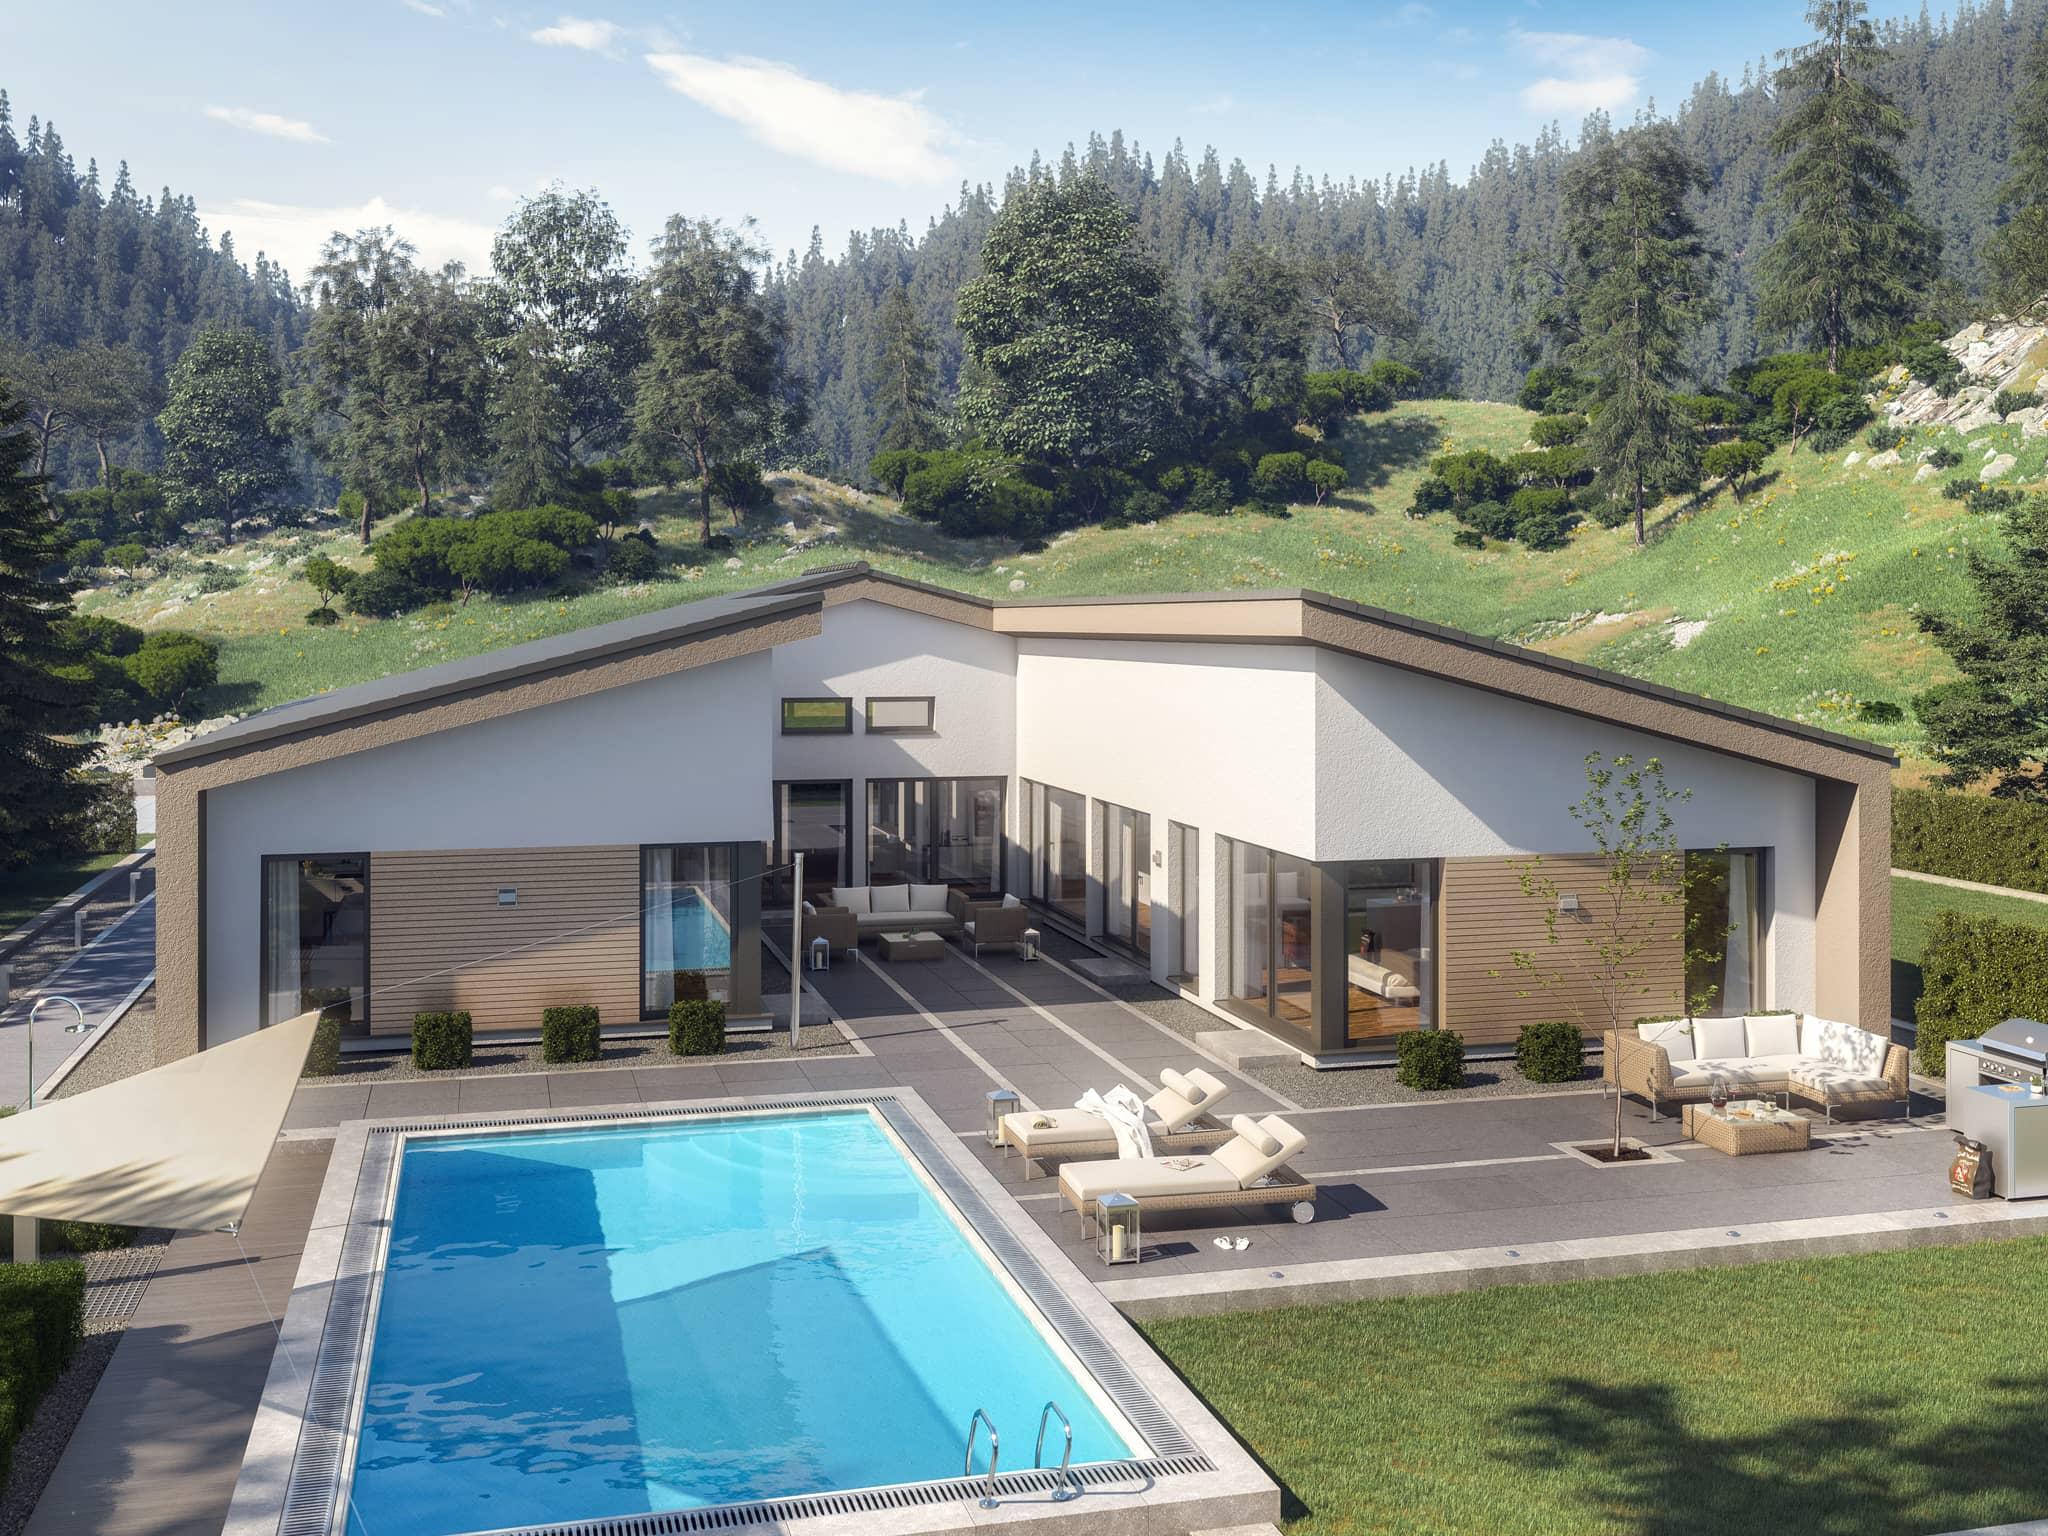 Bungalow AMBIENCE 209 SD mit Satteldach von Bien Zenker Fertighaus - Winkelbungalow Haus Ideen auf HausbauDirekt.de